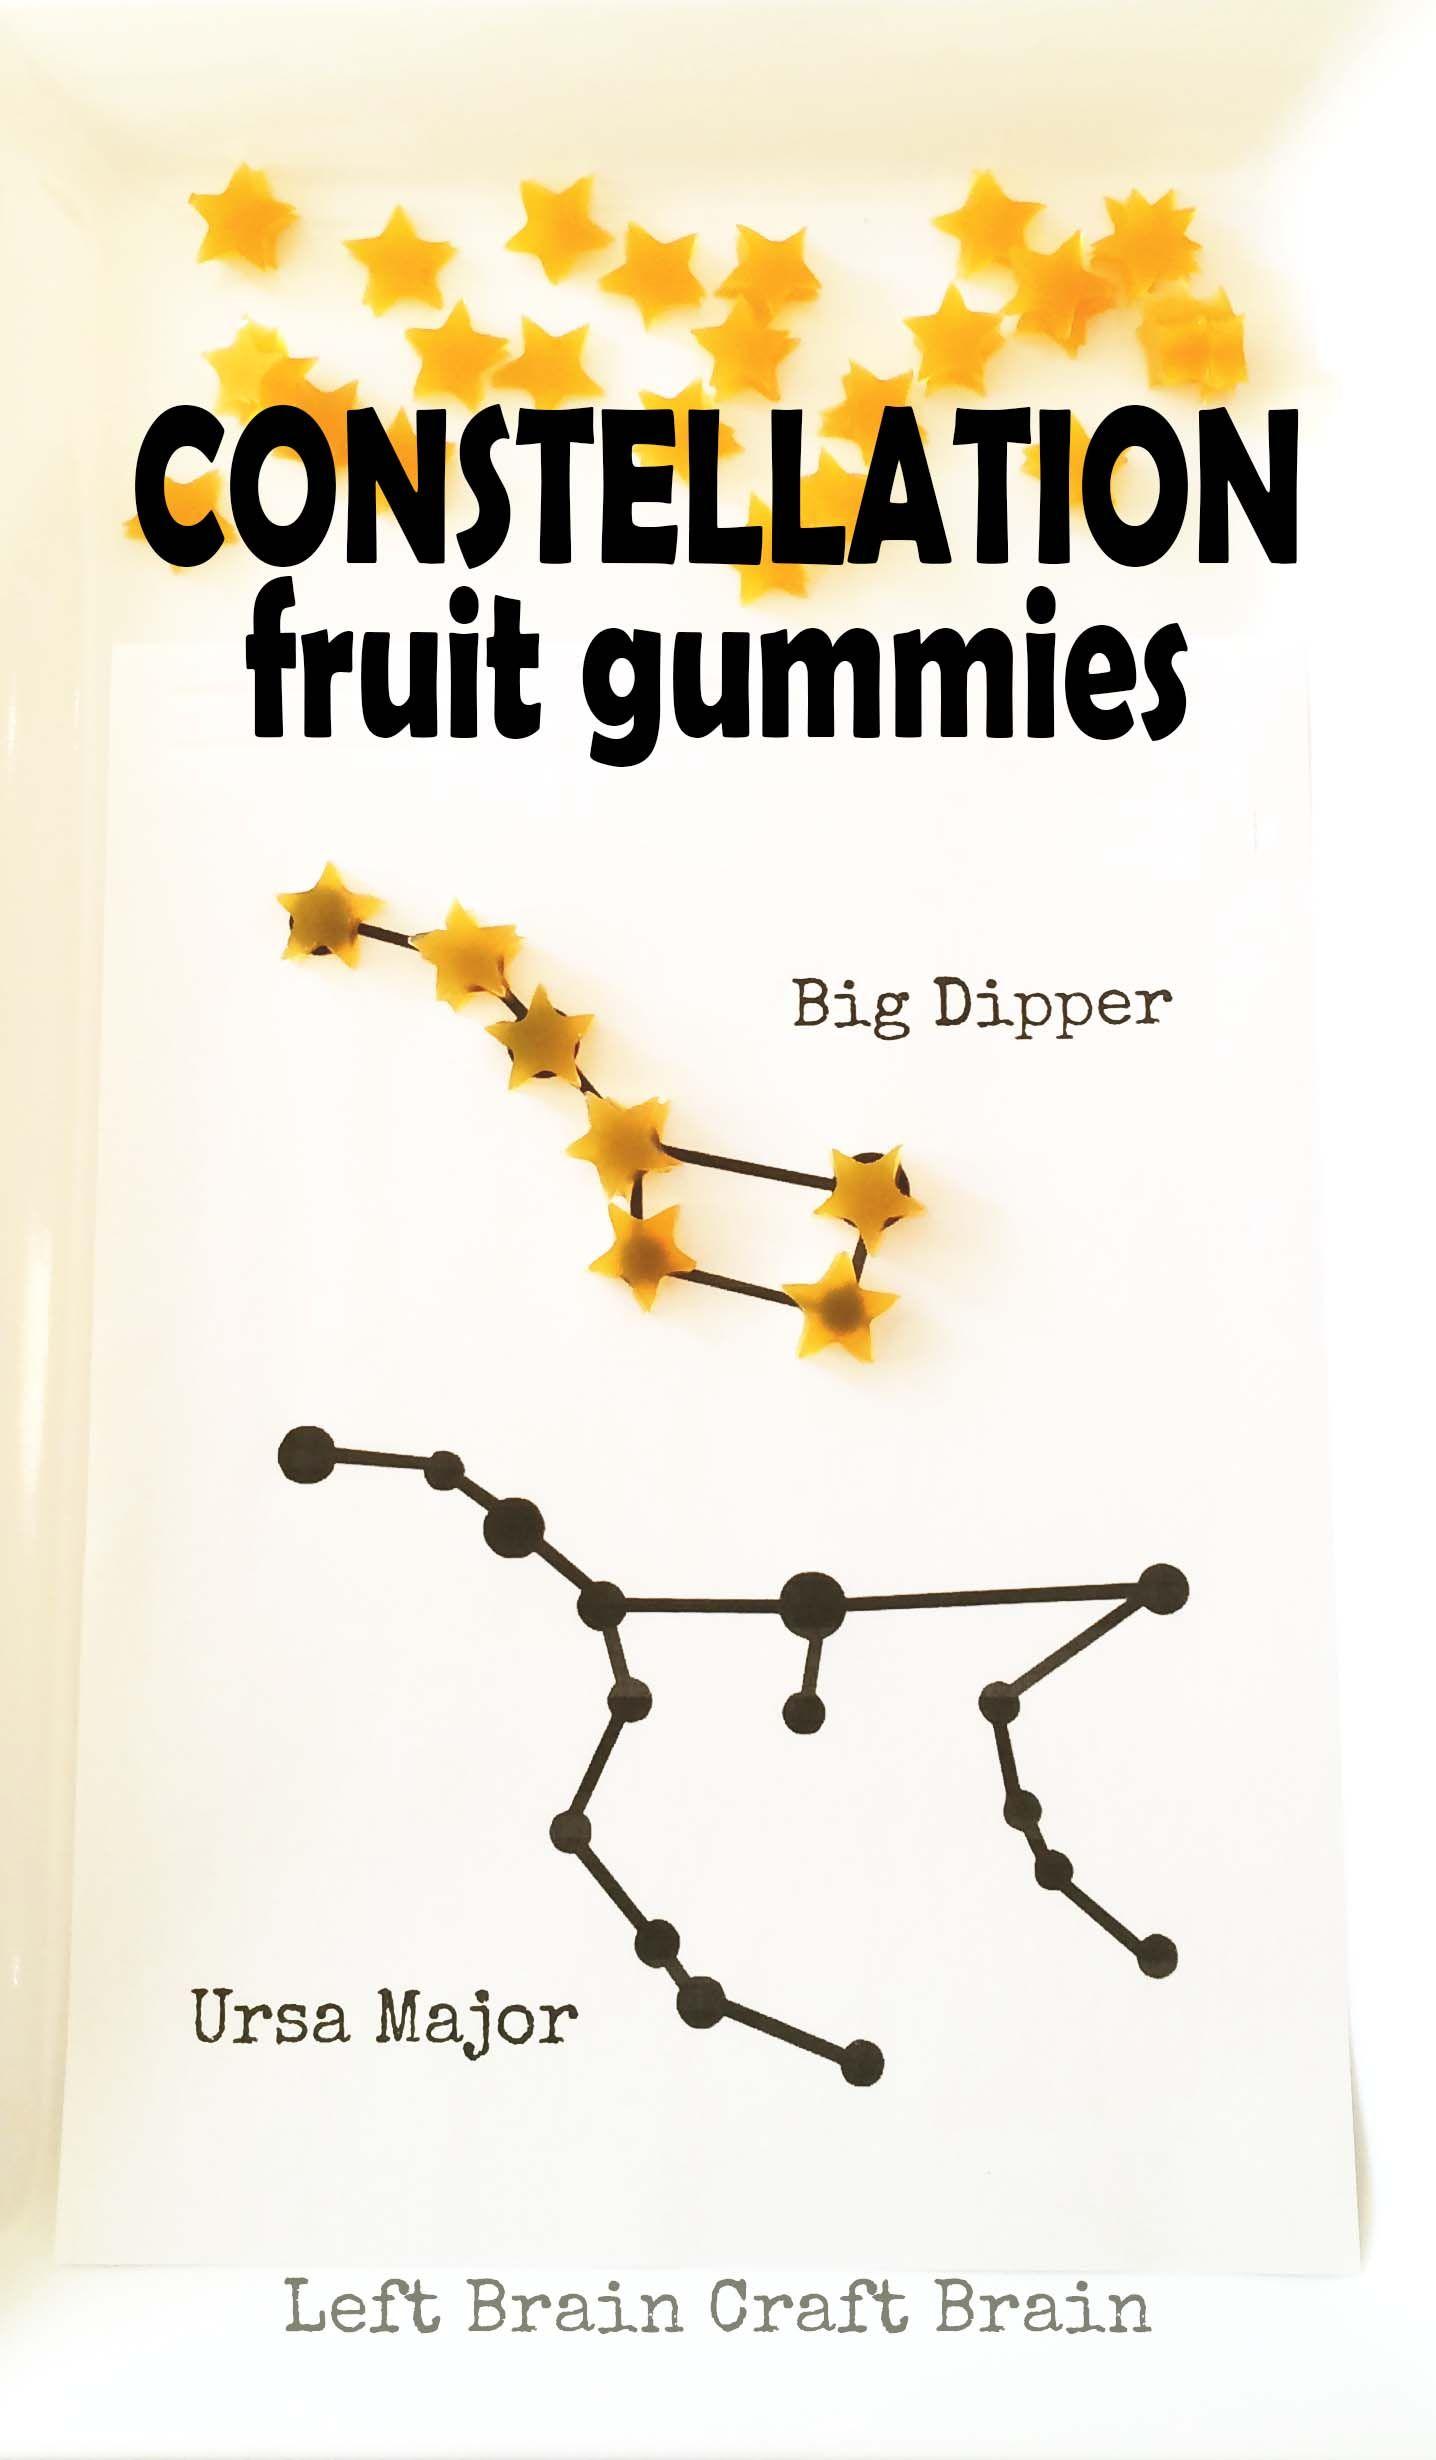 Constellation Fruit Gummies